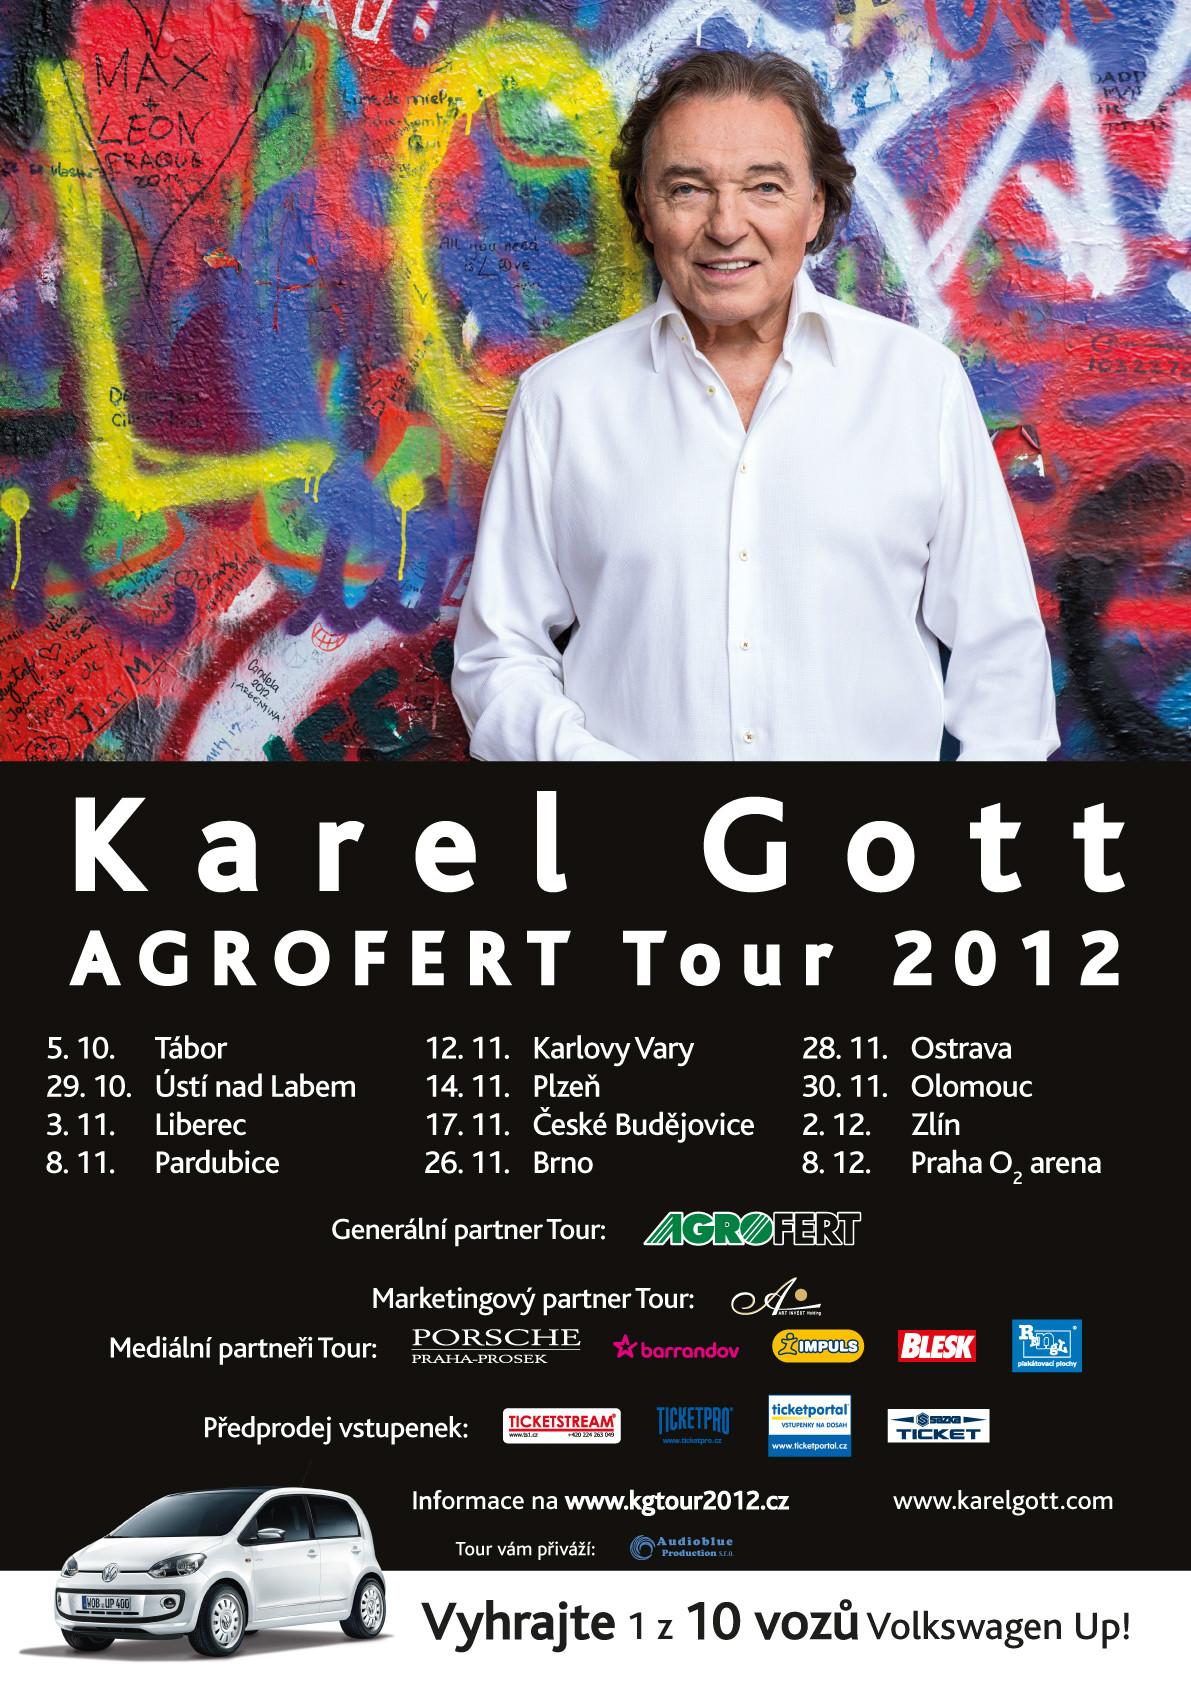 Gott_poster_A2_Agrofert.indd